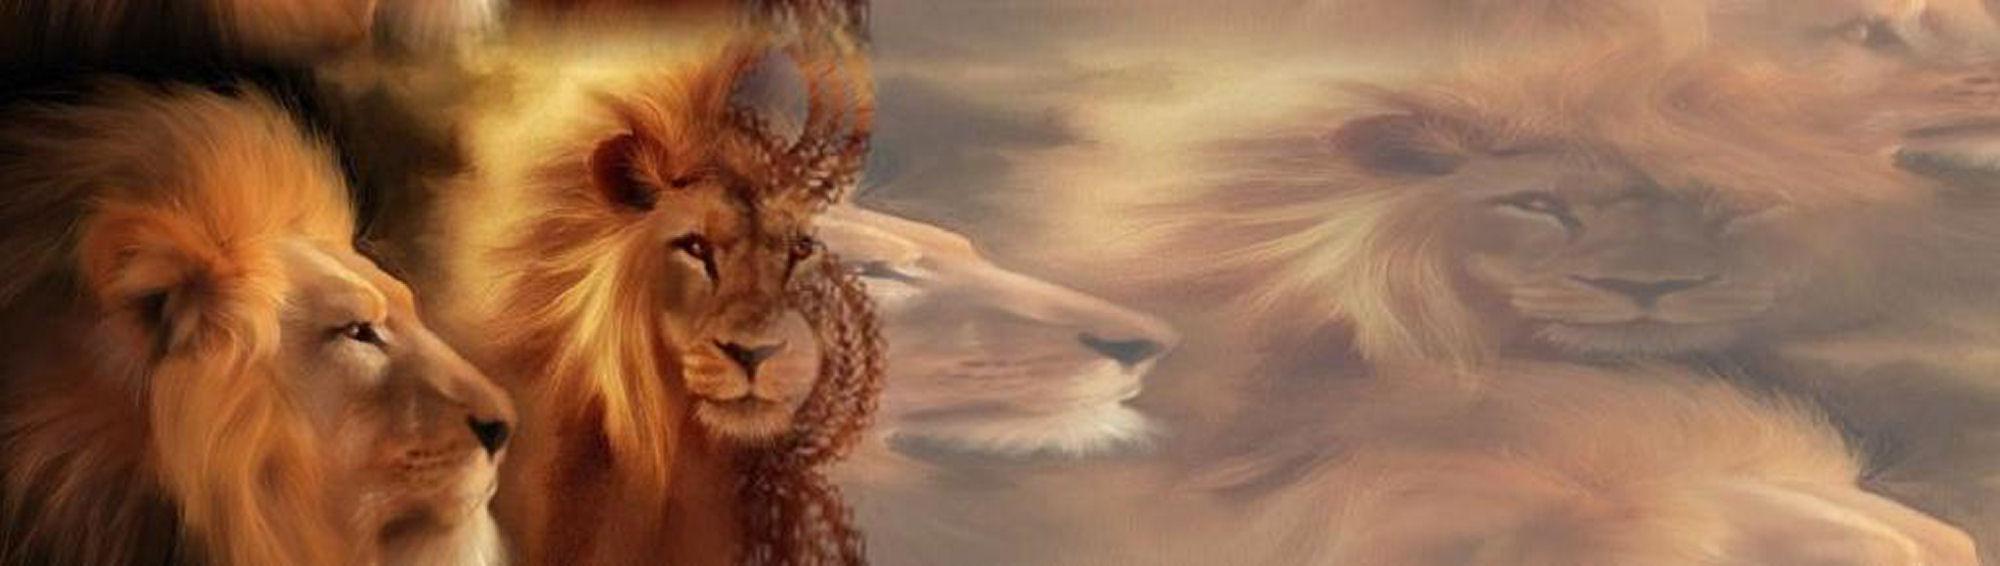 Fondo IM leones_002.imf